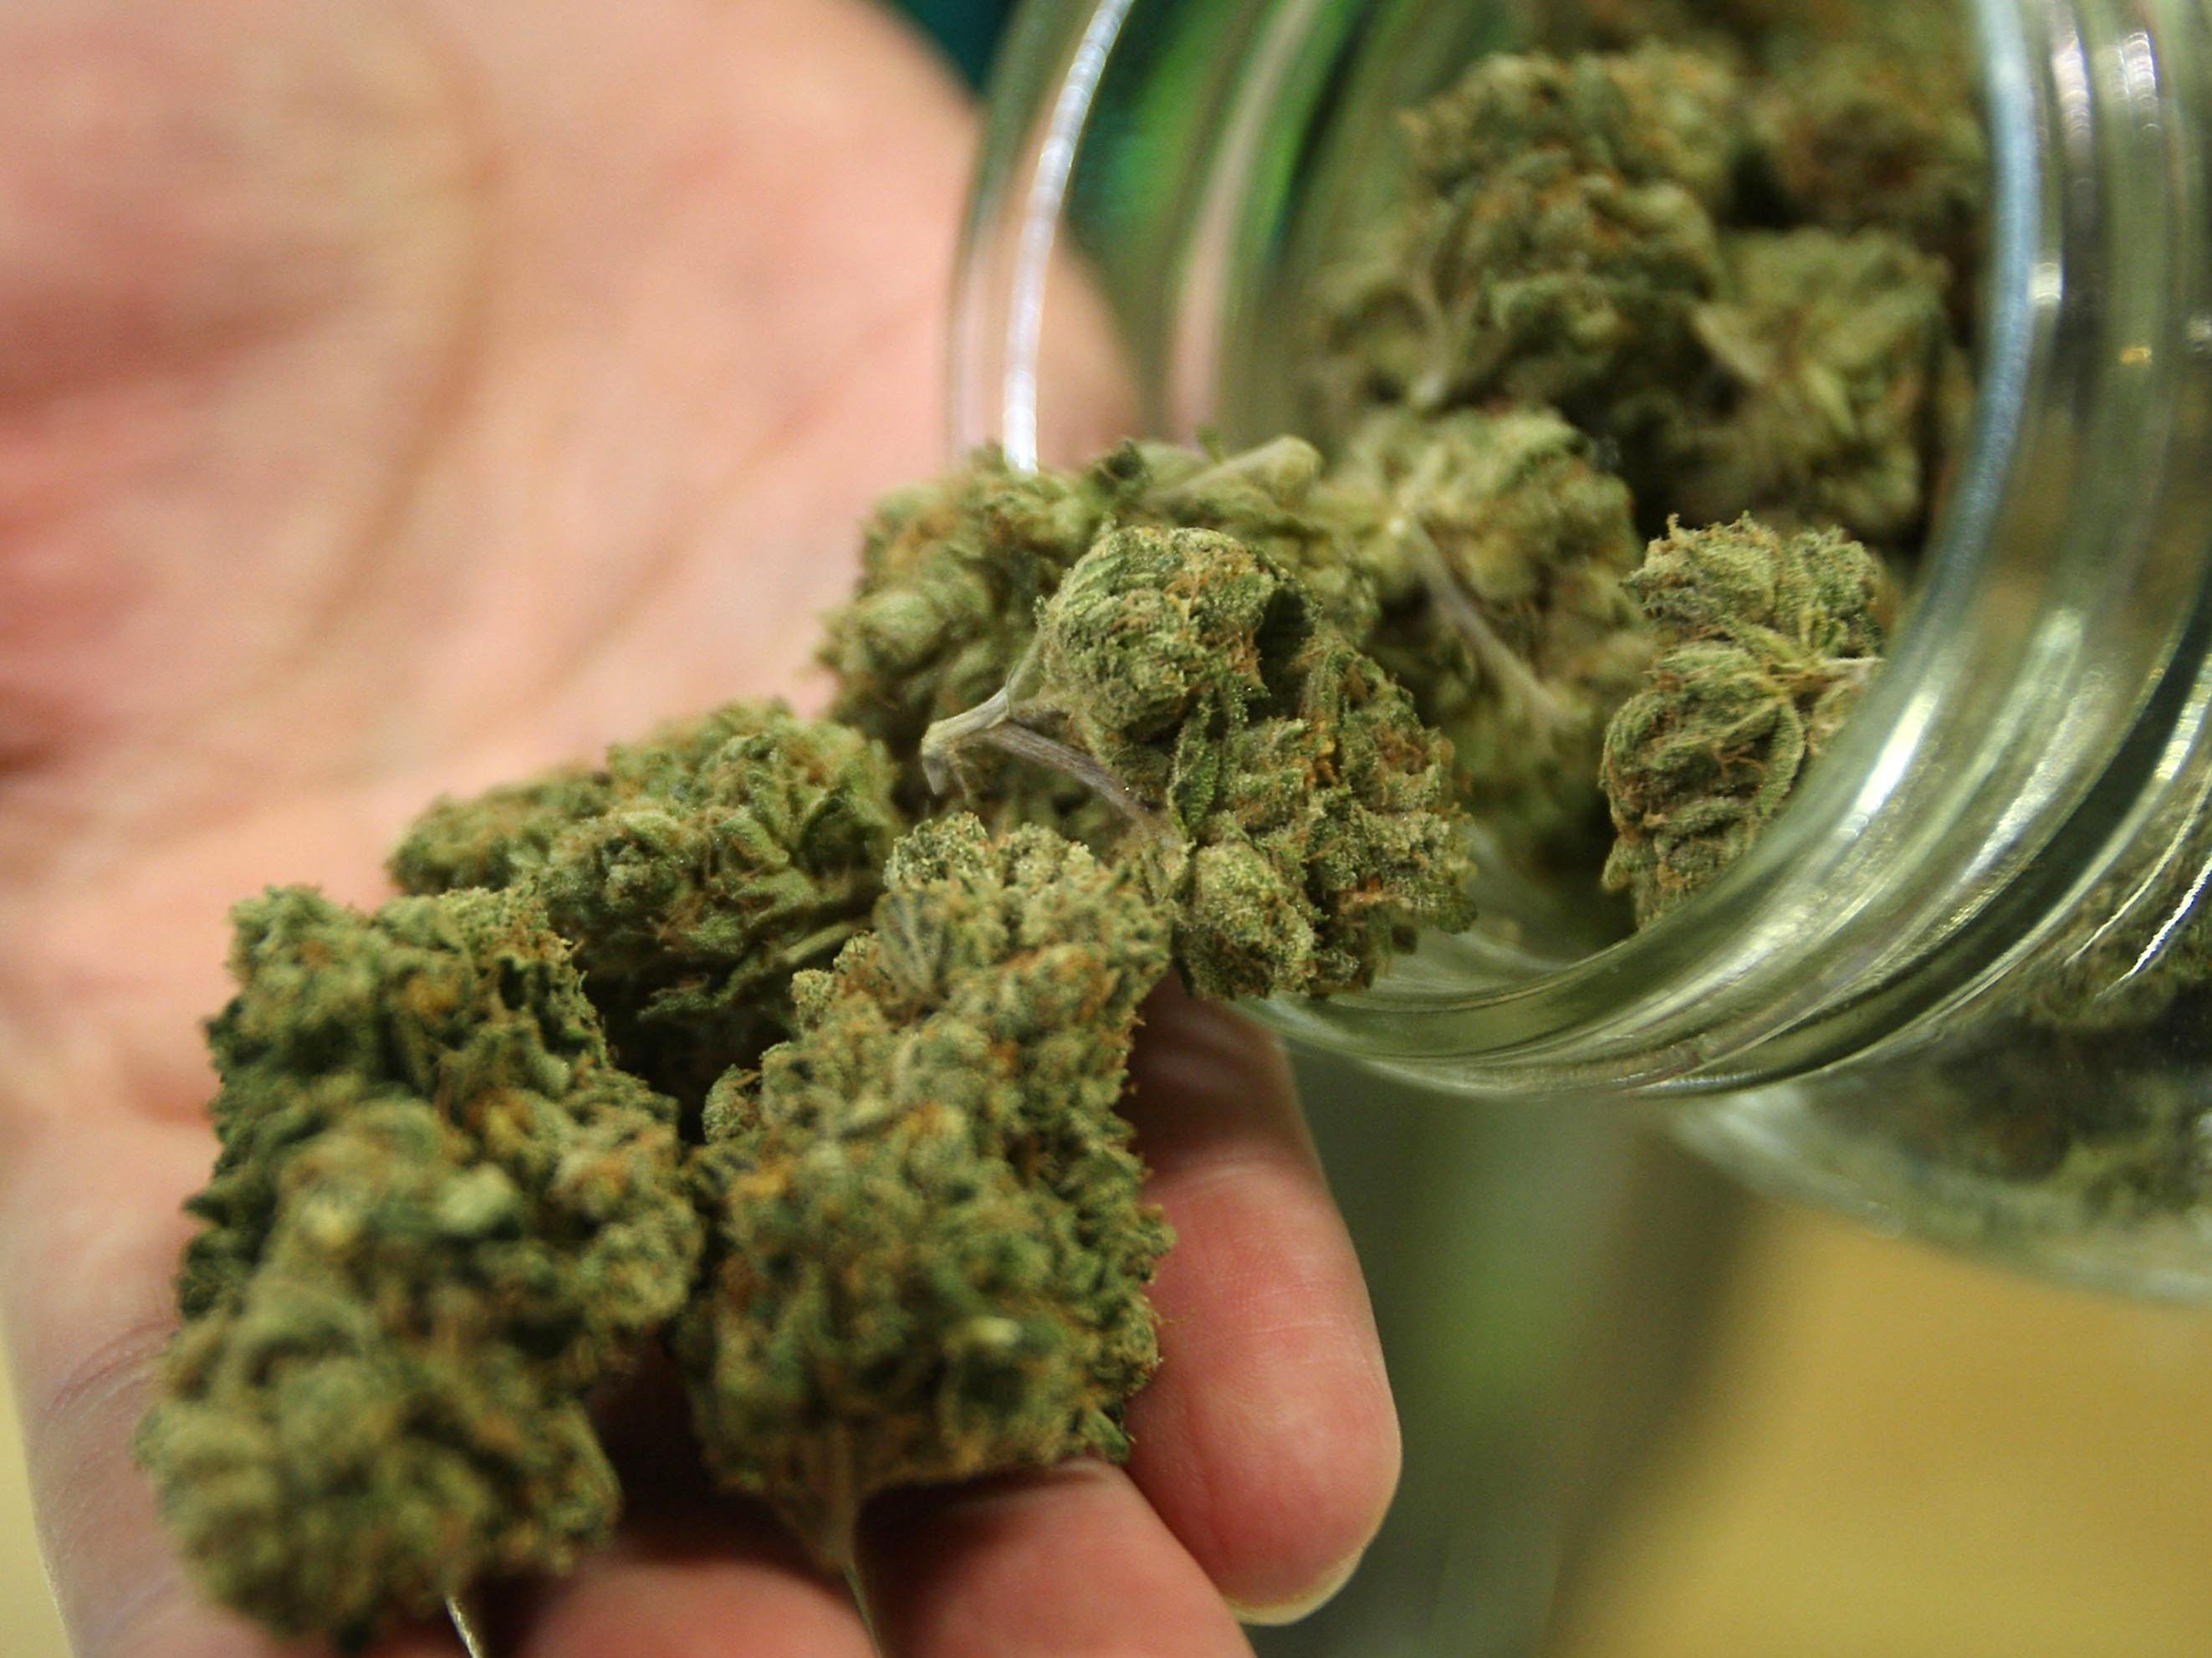 Fumare marijuana da adolescenti distrugge il sistema immunitario ...